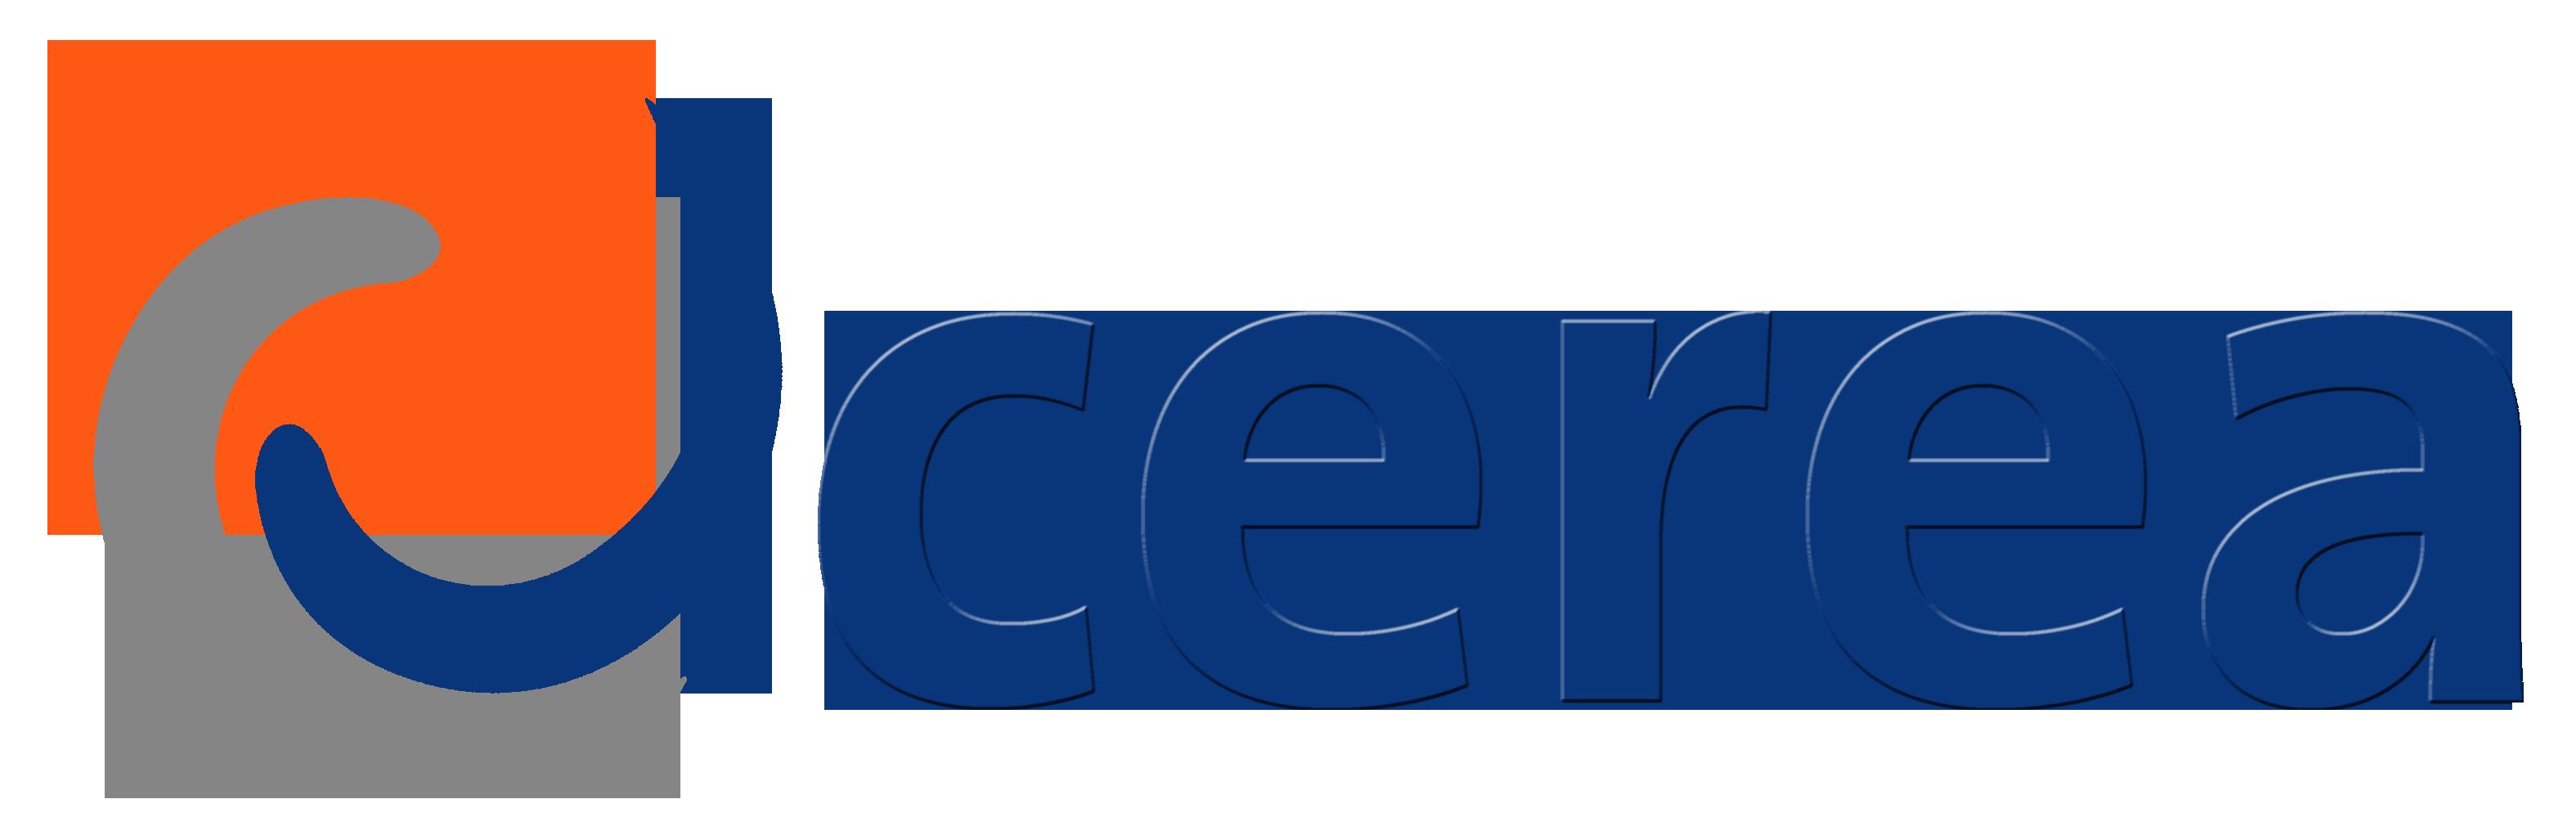 figures/Logo-Cerea-RVB.png